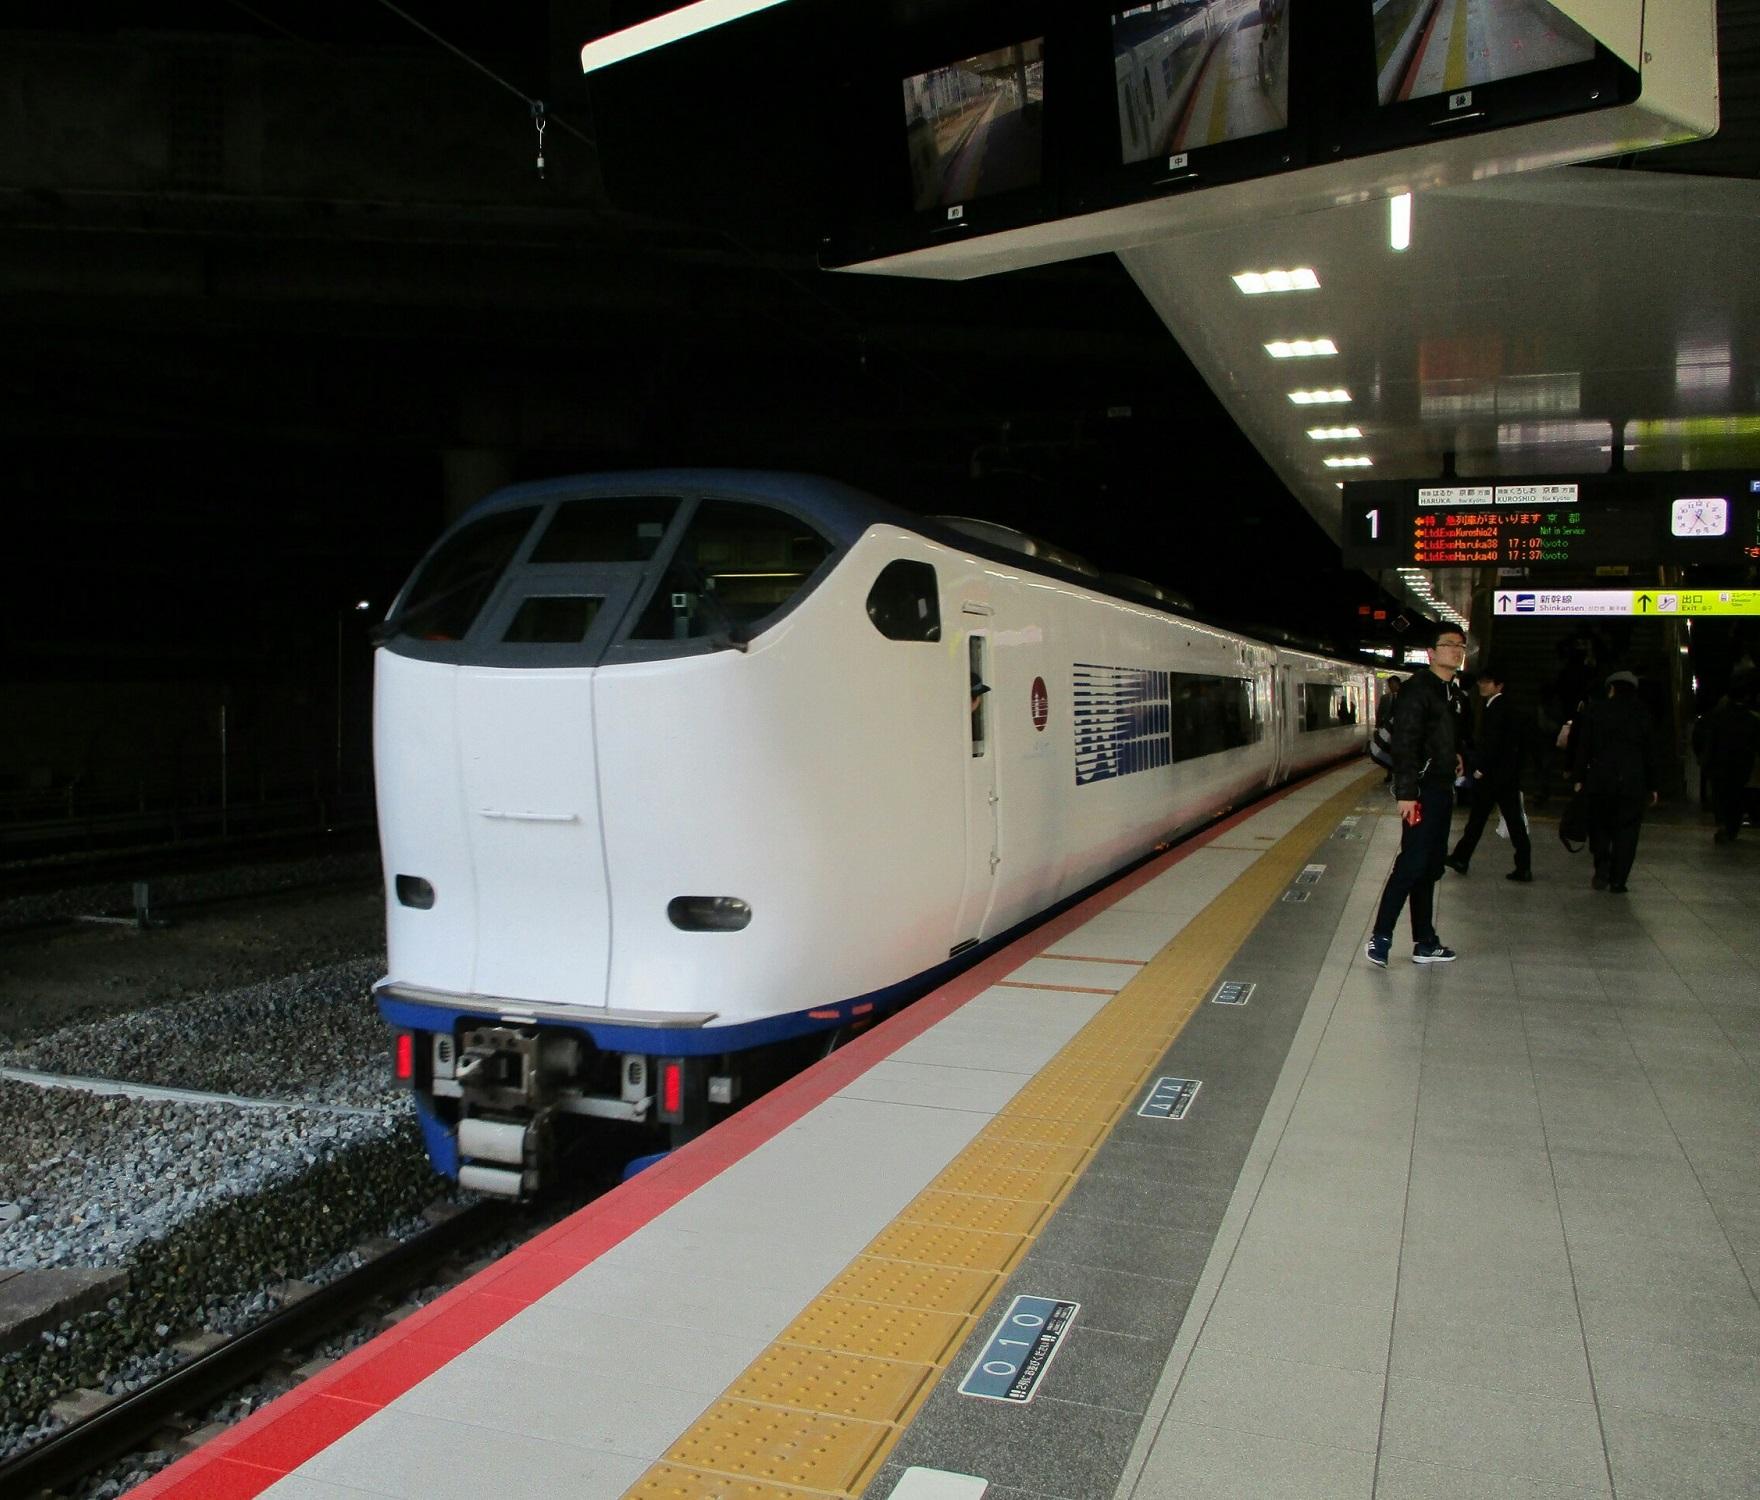 2019.3.18 (201) 新大阪 - はるか 1760-1500